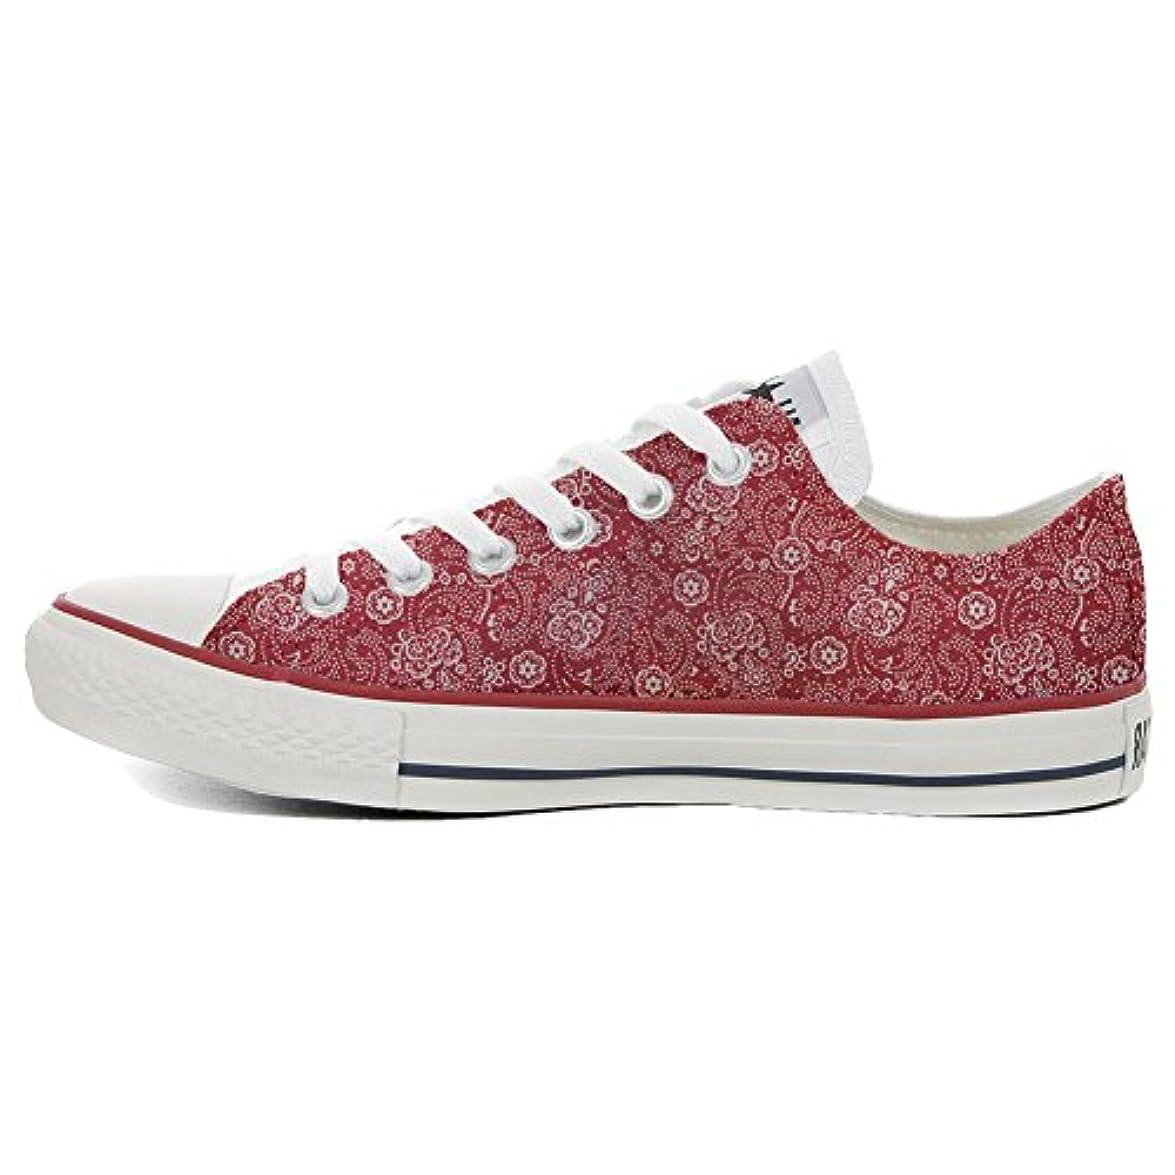 Converse All Star Slim Scarpe Personalizzate scarpe Artigianali Red Paisley